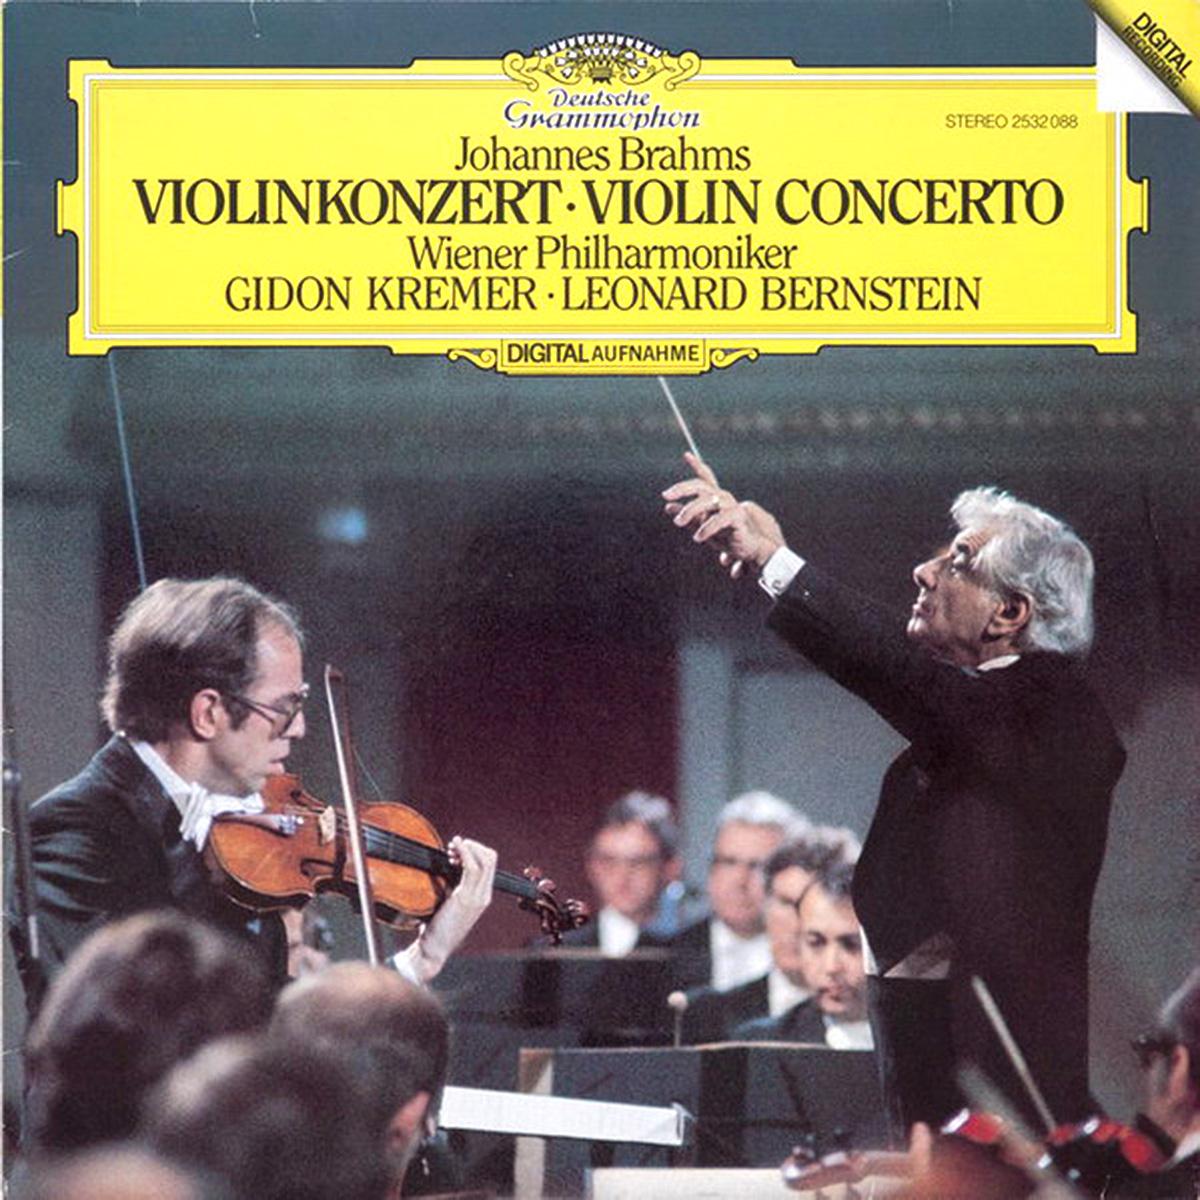 DGG 2532088 Brahms Concerto Violon Kremer Bernstein